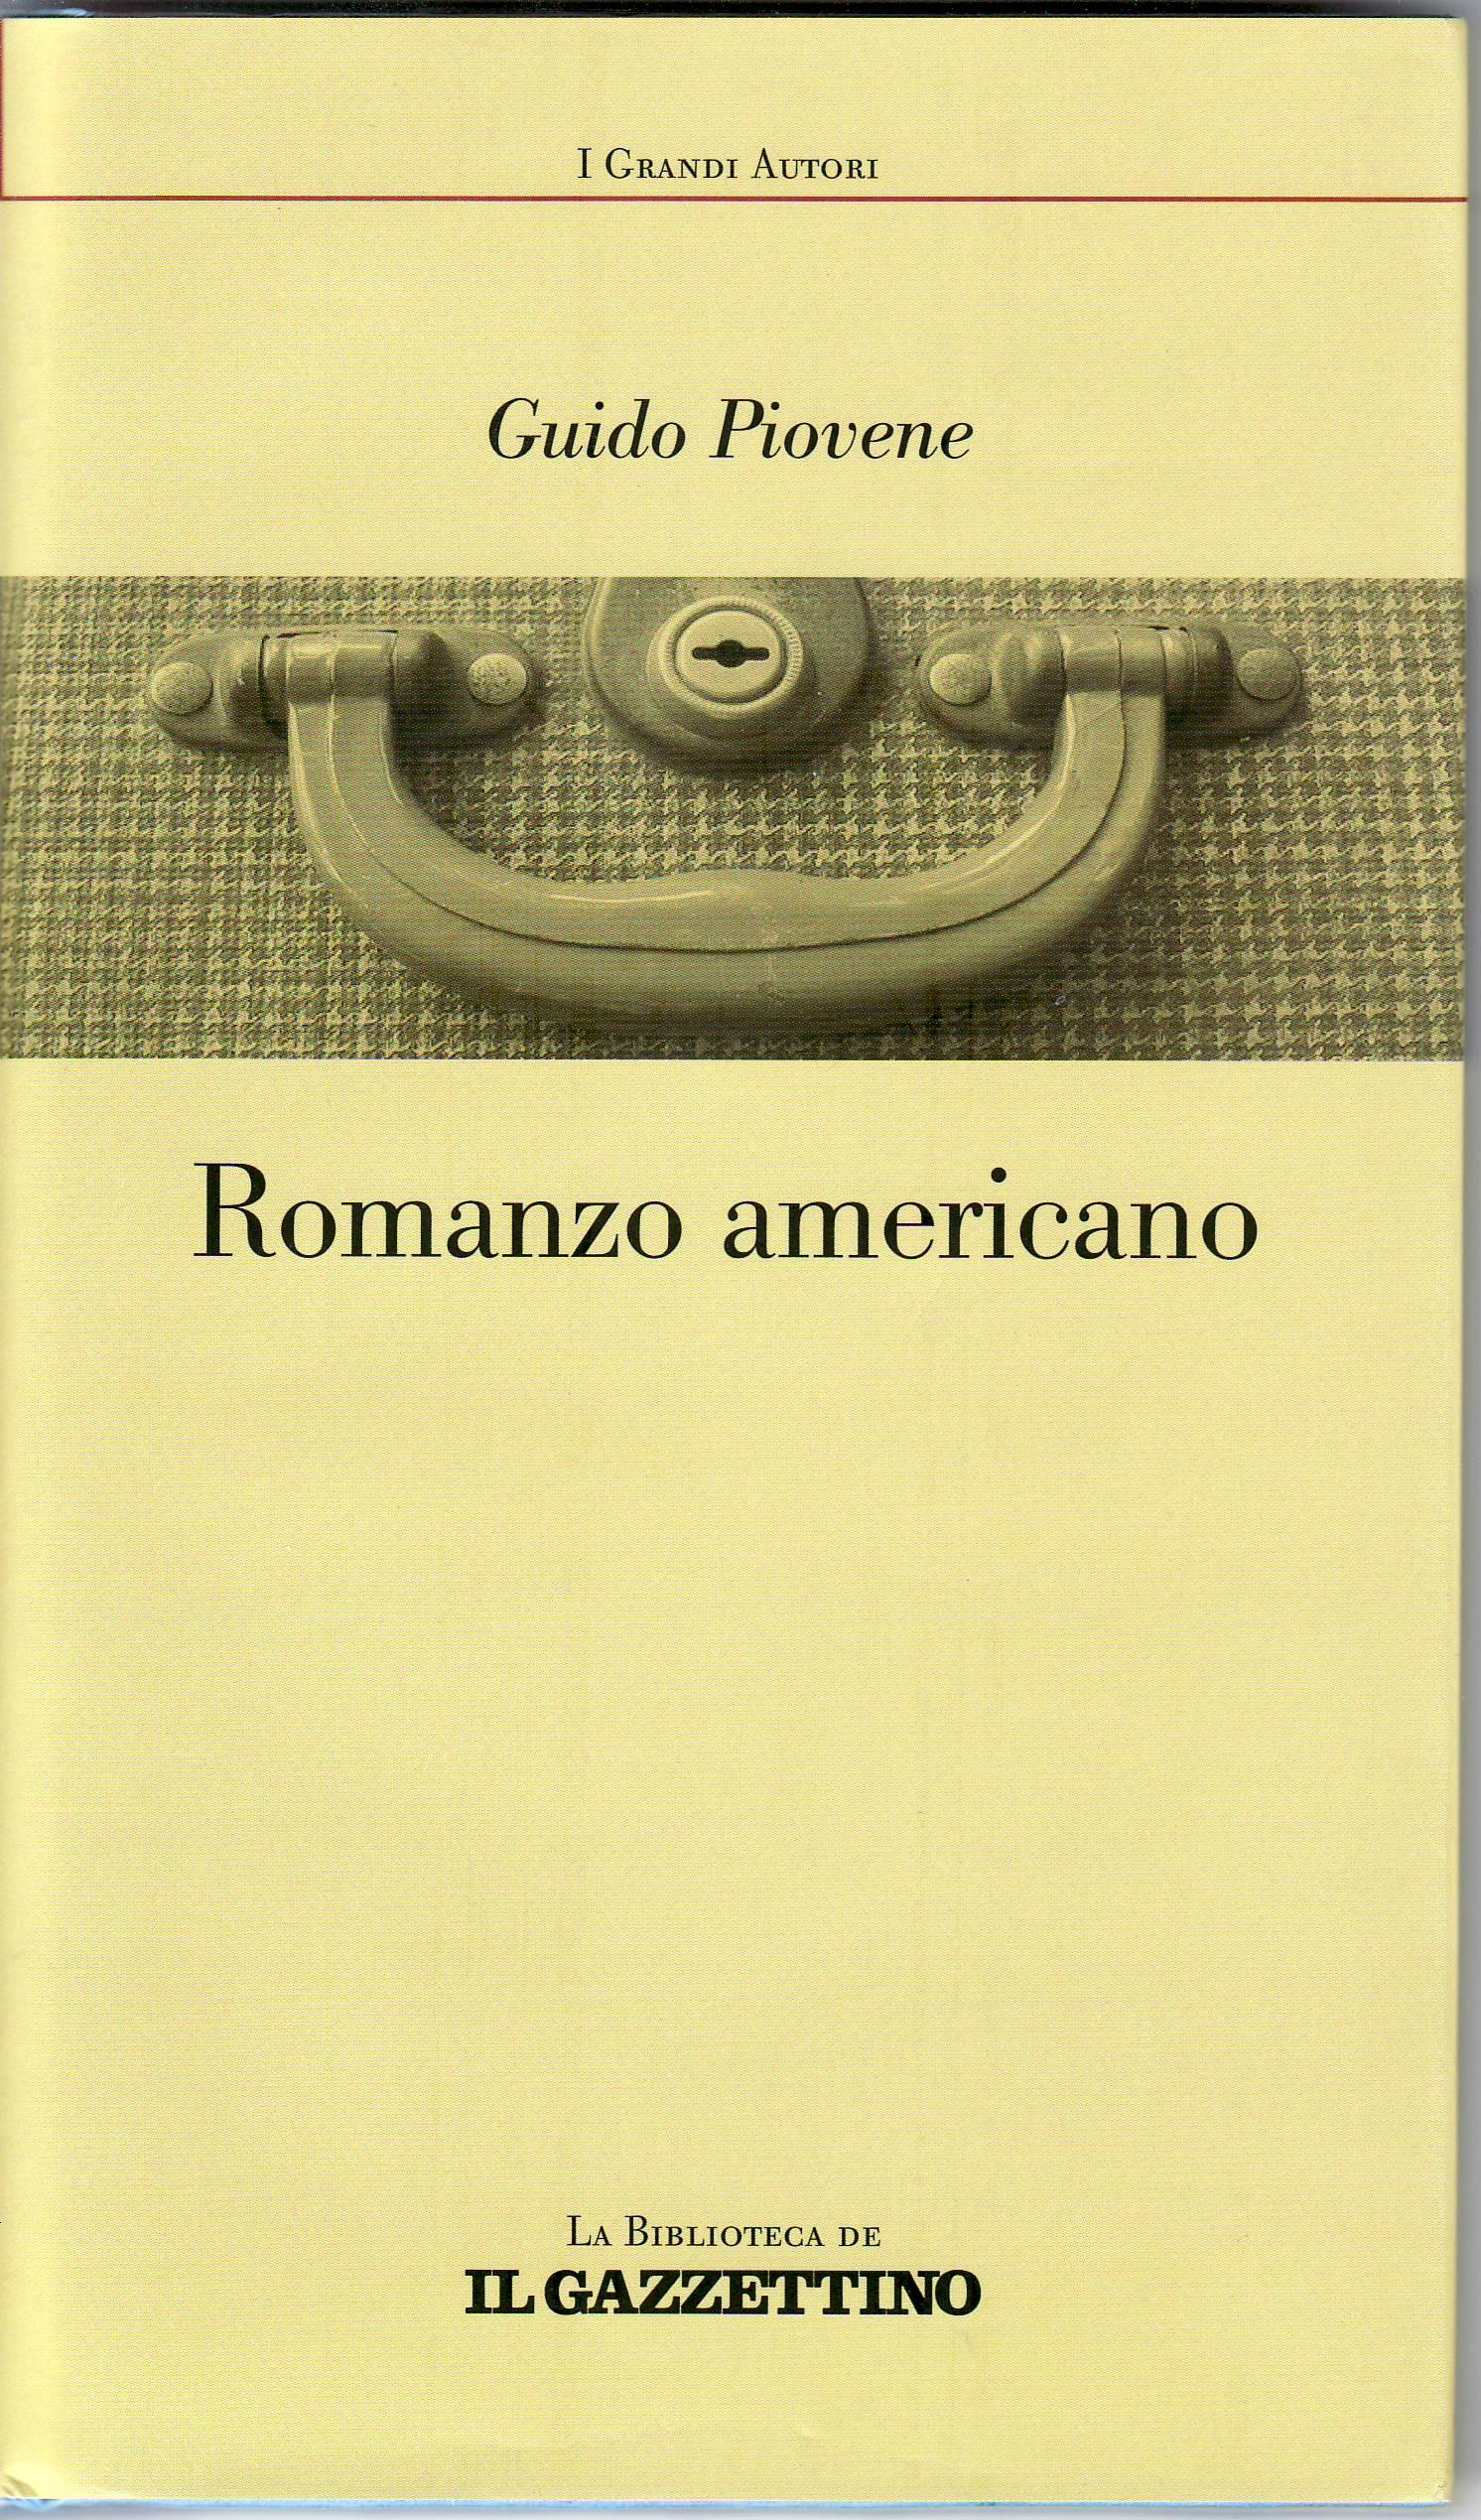 Romanzo americano